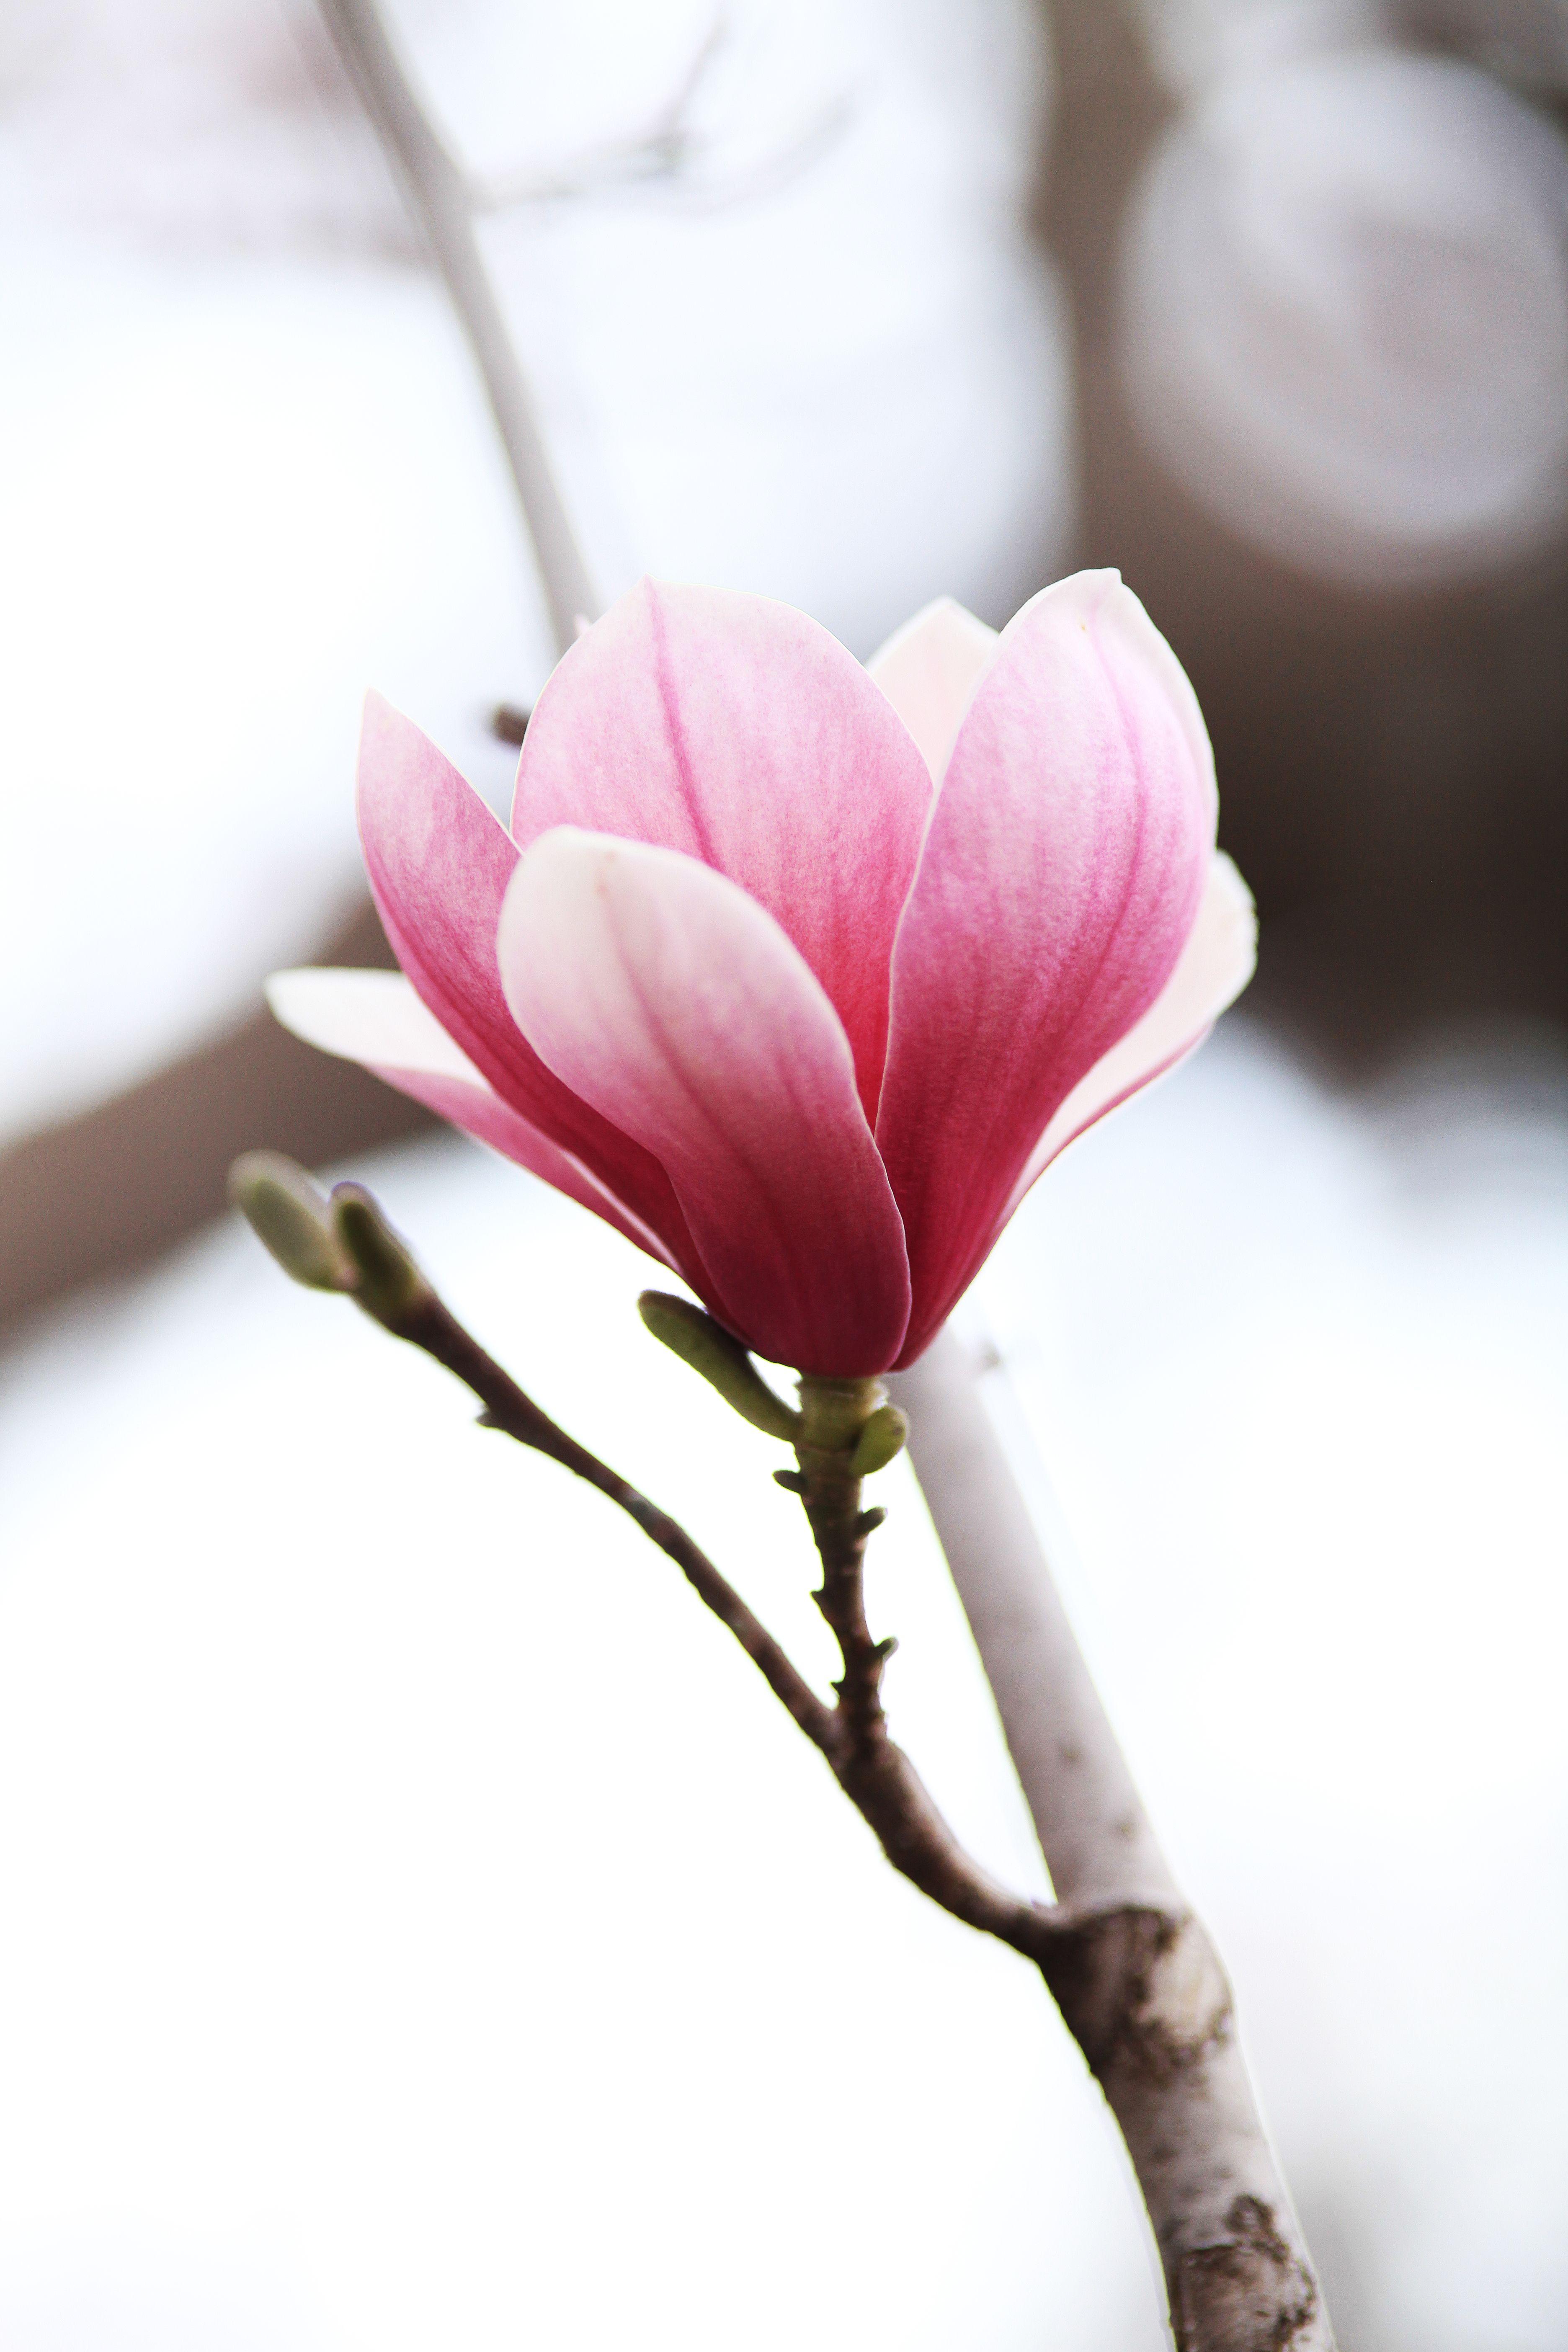 Magnolia | FLOWER | Pinterest